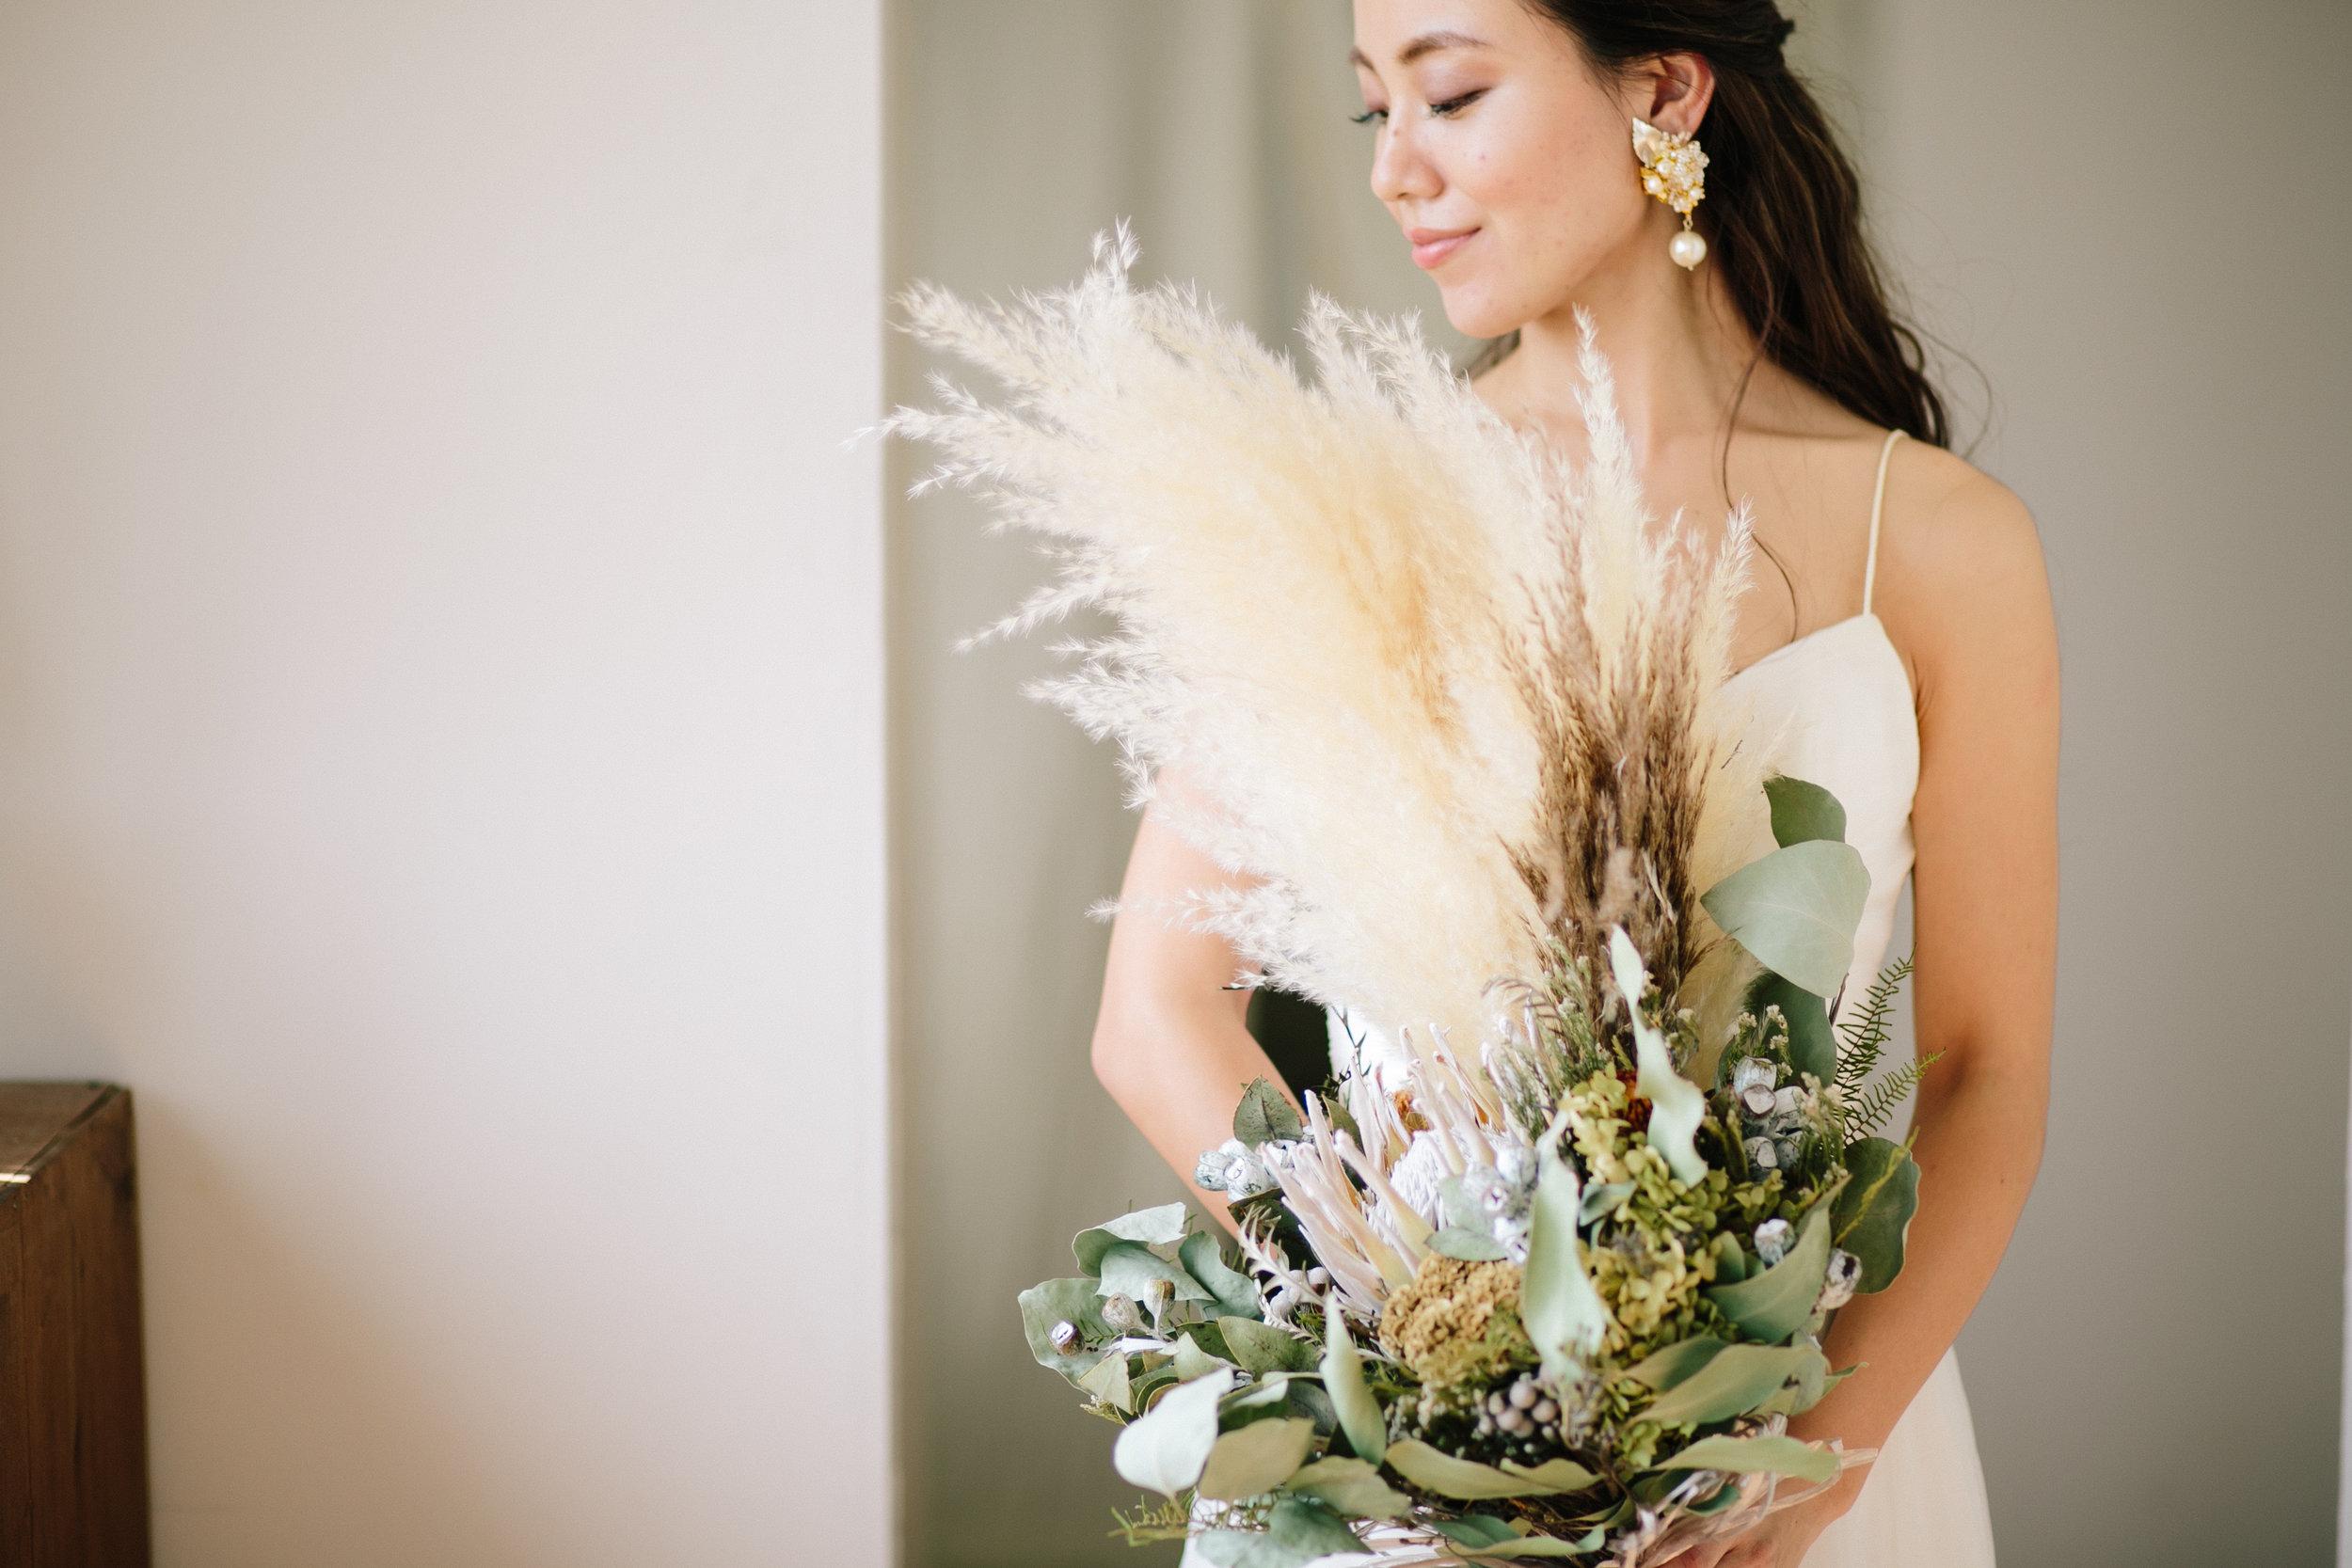 Photo Wedding - 好きな人と好きな場所で。前撮りやウェディングフォトに衣装を着用しての撮影です